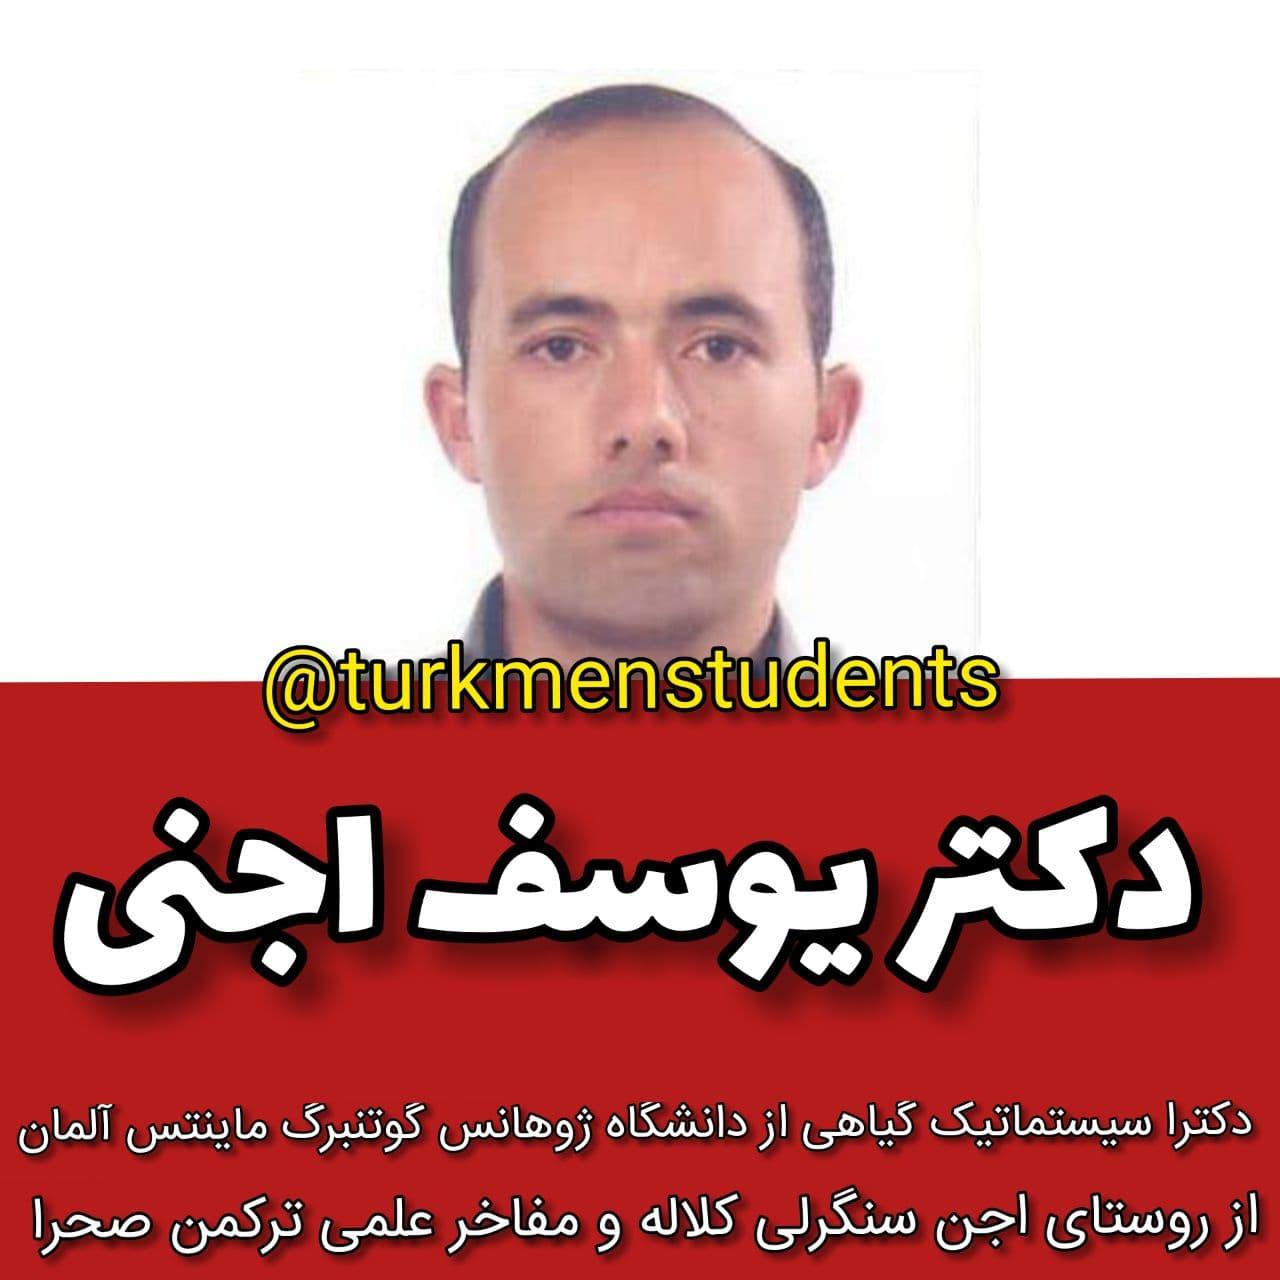 دکتر یوسف اجنی